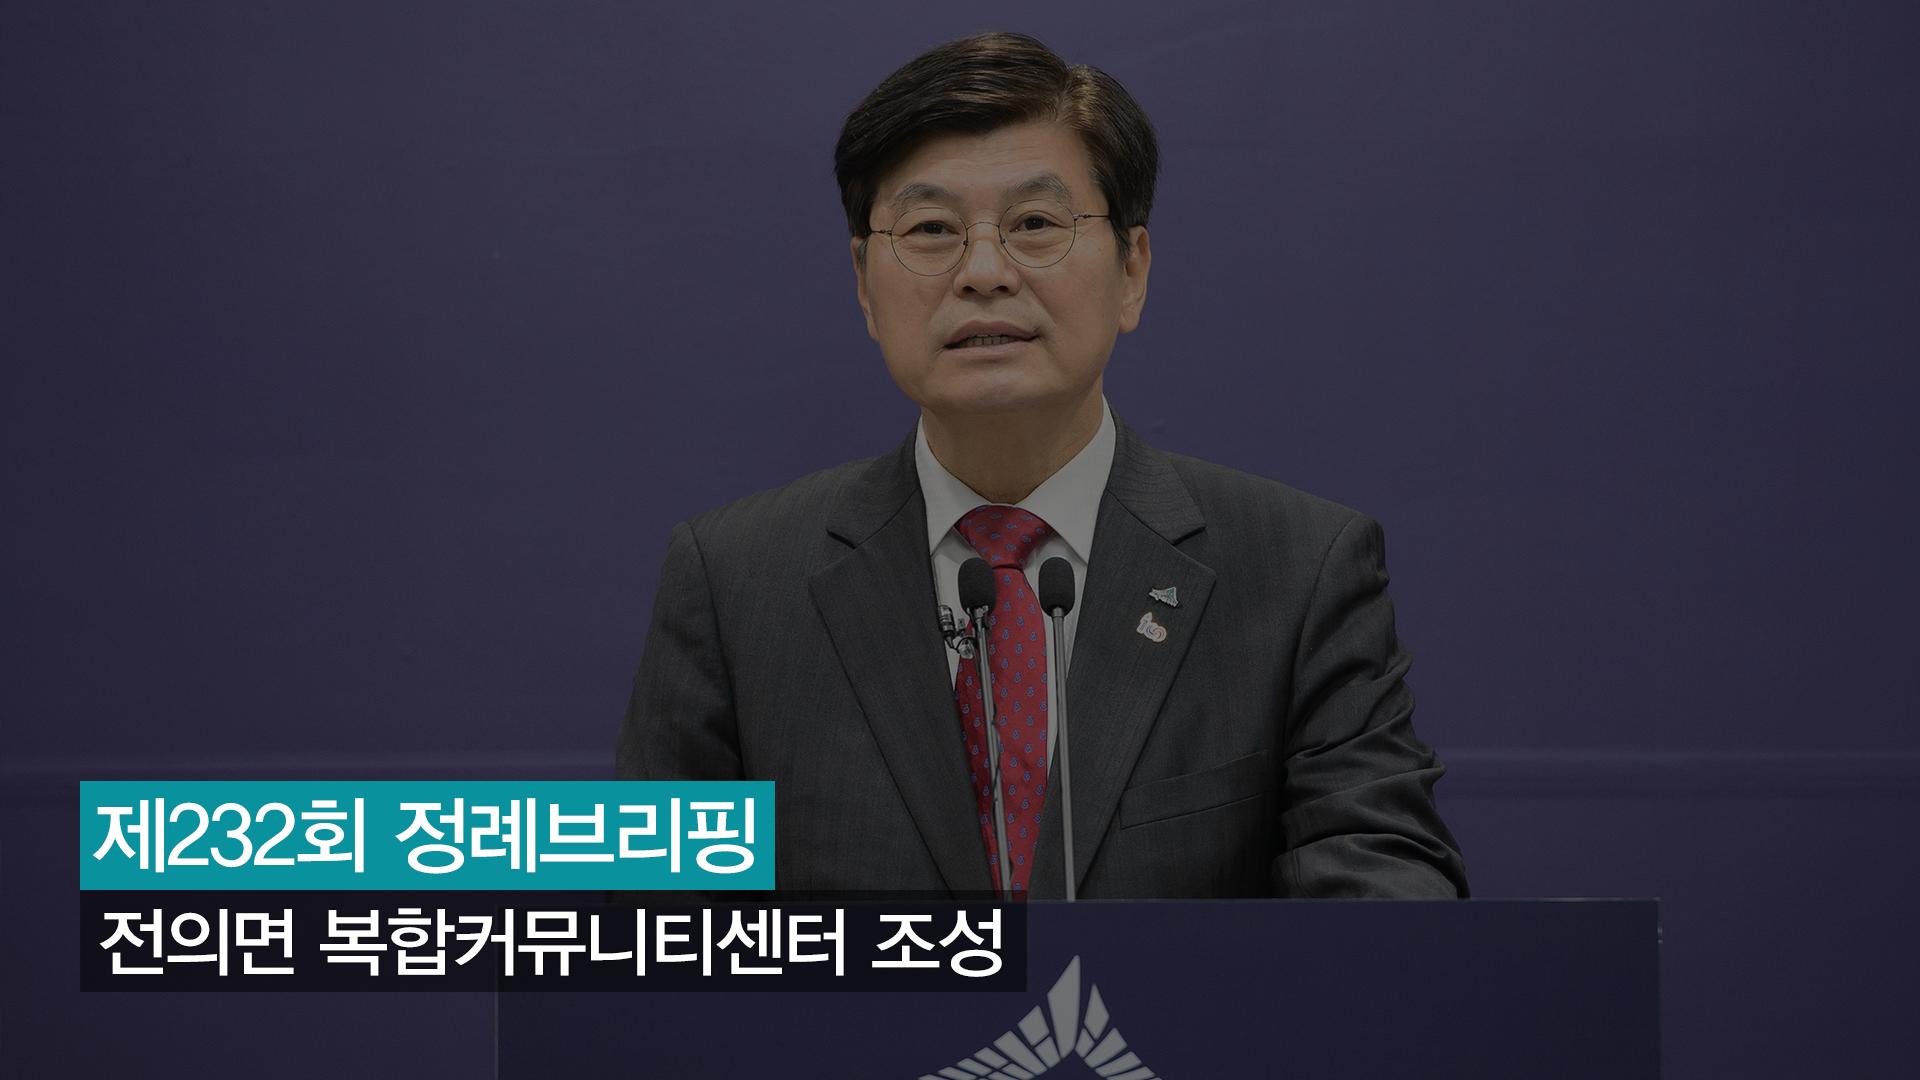 <232번째 정례브리핑> 전의면 복합커뮤니티센터 조성